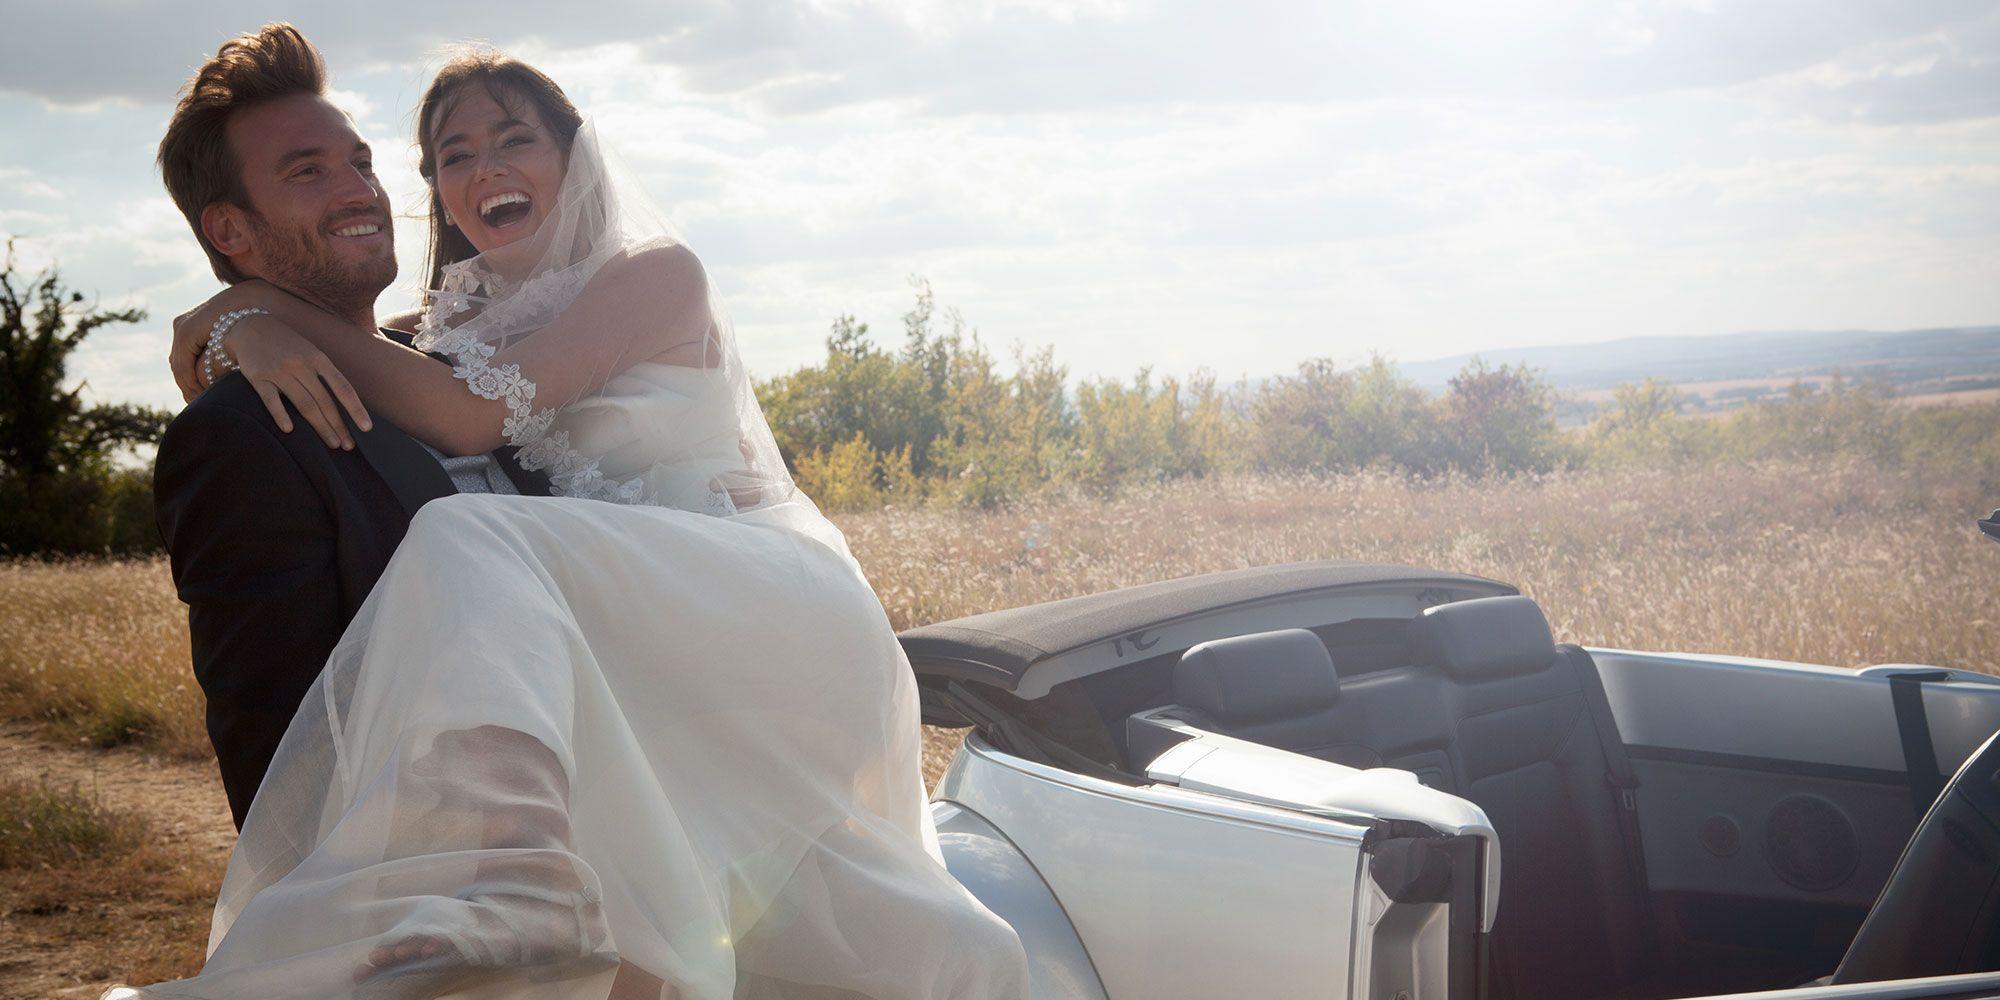 Auguri Matrimonio In Napoletano : Auguri per matrimonio con frasi divertenti e simpatiche